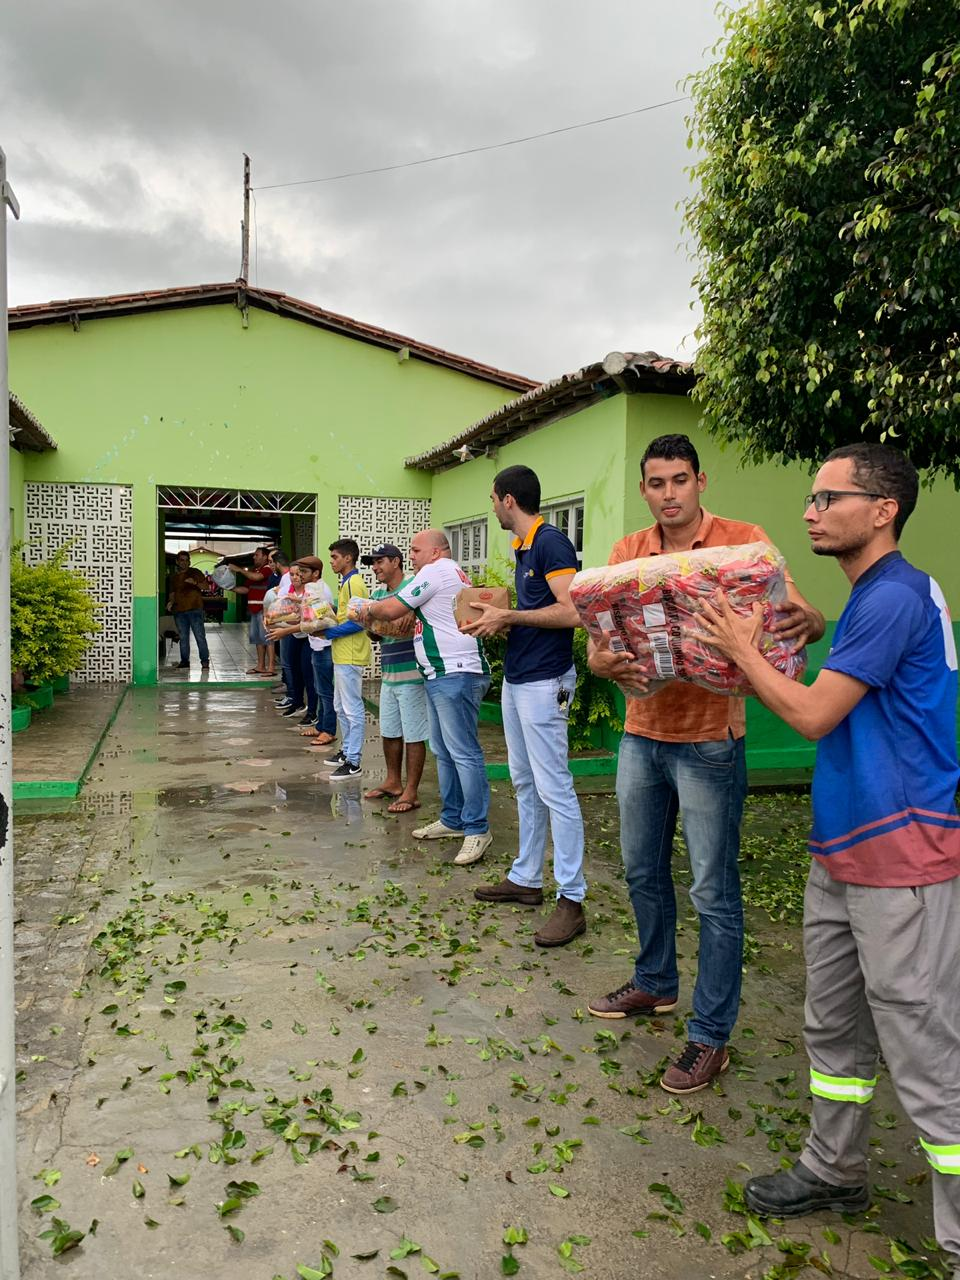 CORONEL JOÃO SÁ (BA): ROTARY MOBILIZA PARCEIROS E LEVA SOLIDARIEDADE E AJUDA ÀS VÍTIMAS DE ENXURRADA